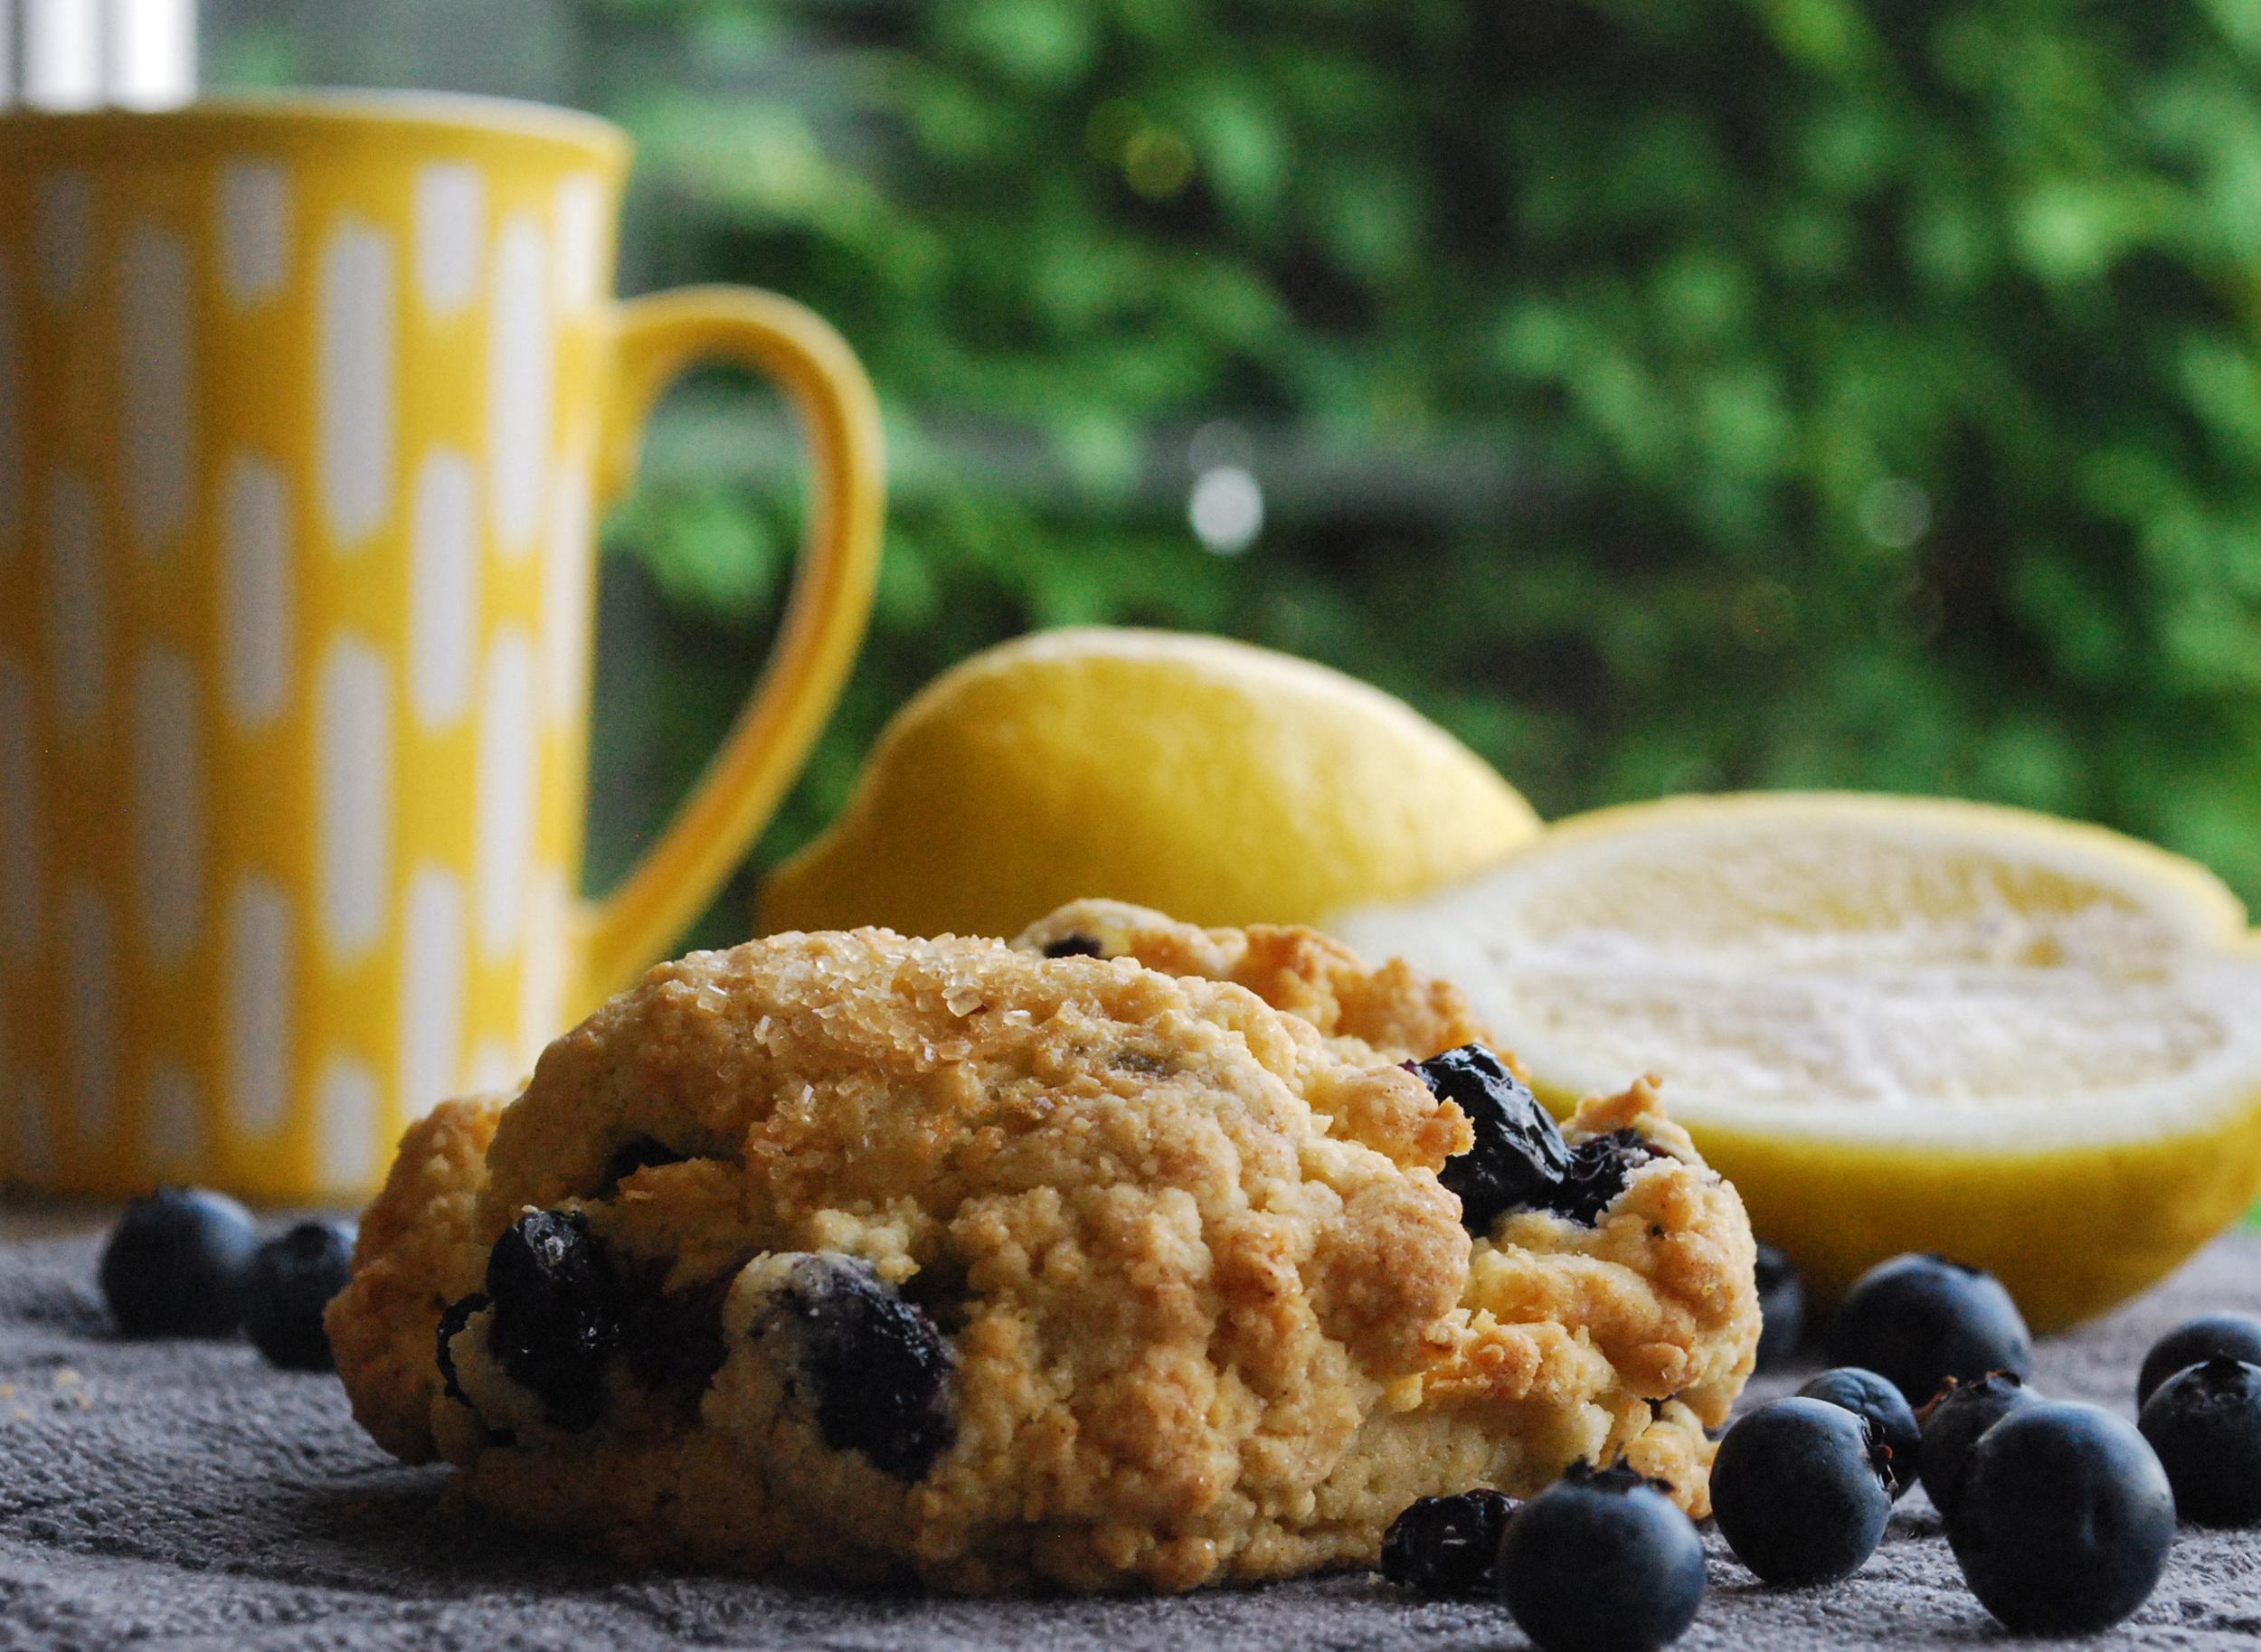 Lemon Blueberry Scone 2.jpg